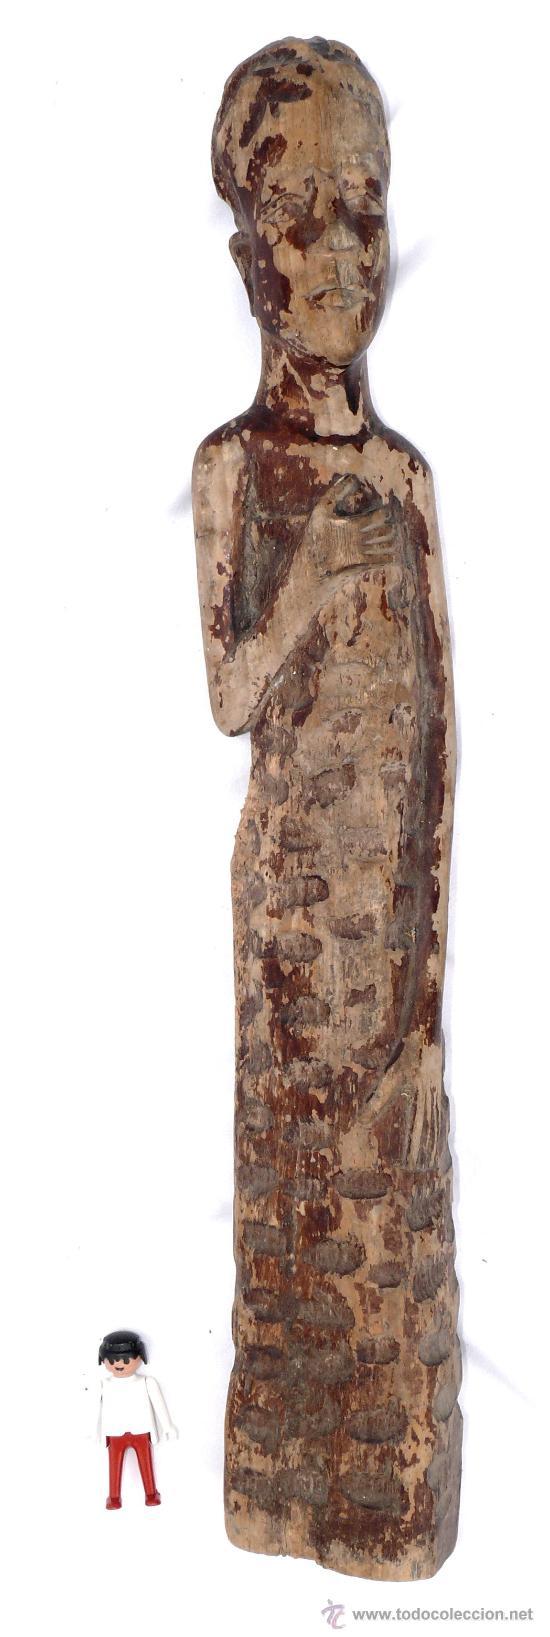 GRAN TALLA MADERA ANTIGUA DE MUJER AFRICANA DECORACION ETNICA (Antigüedades - Hogar y Decoración - Otros)